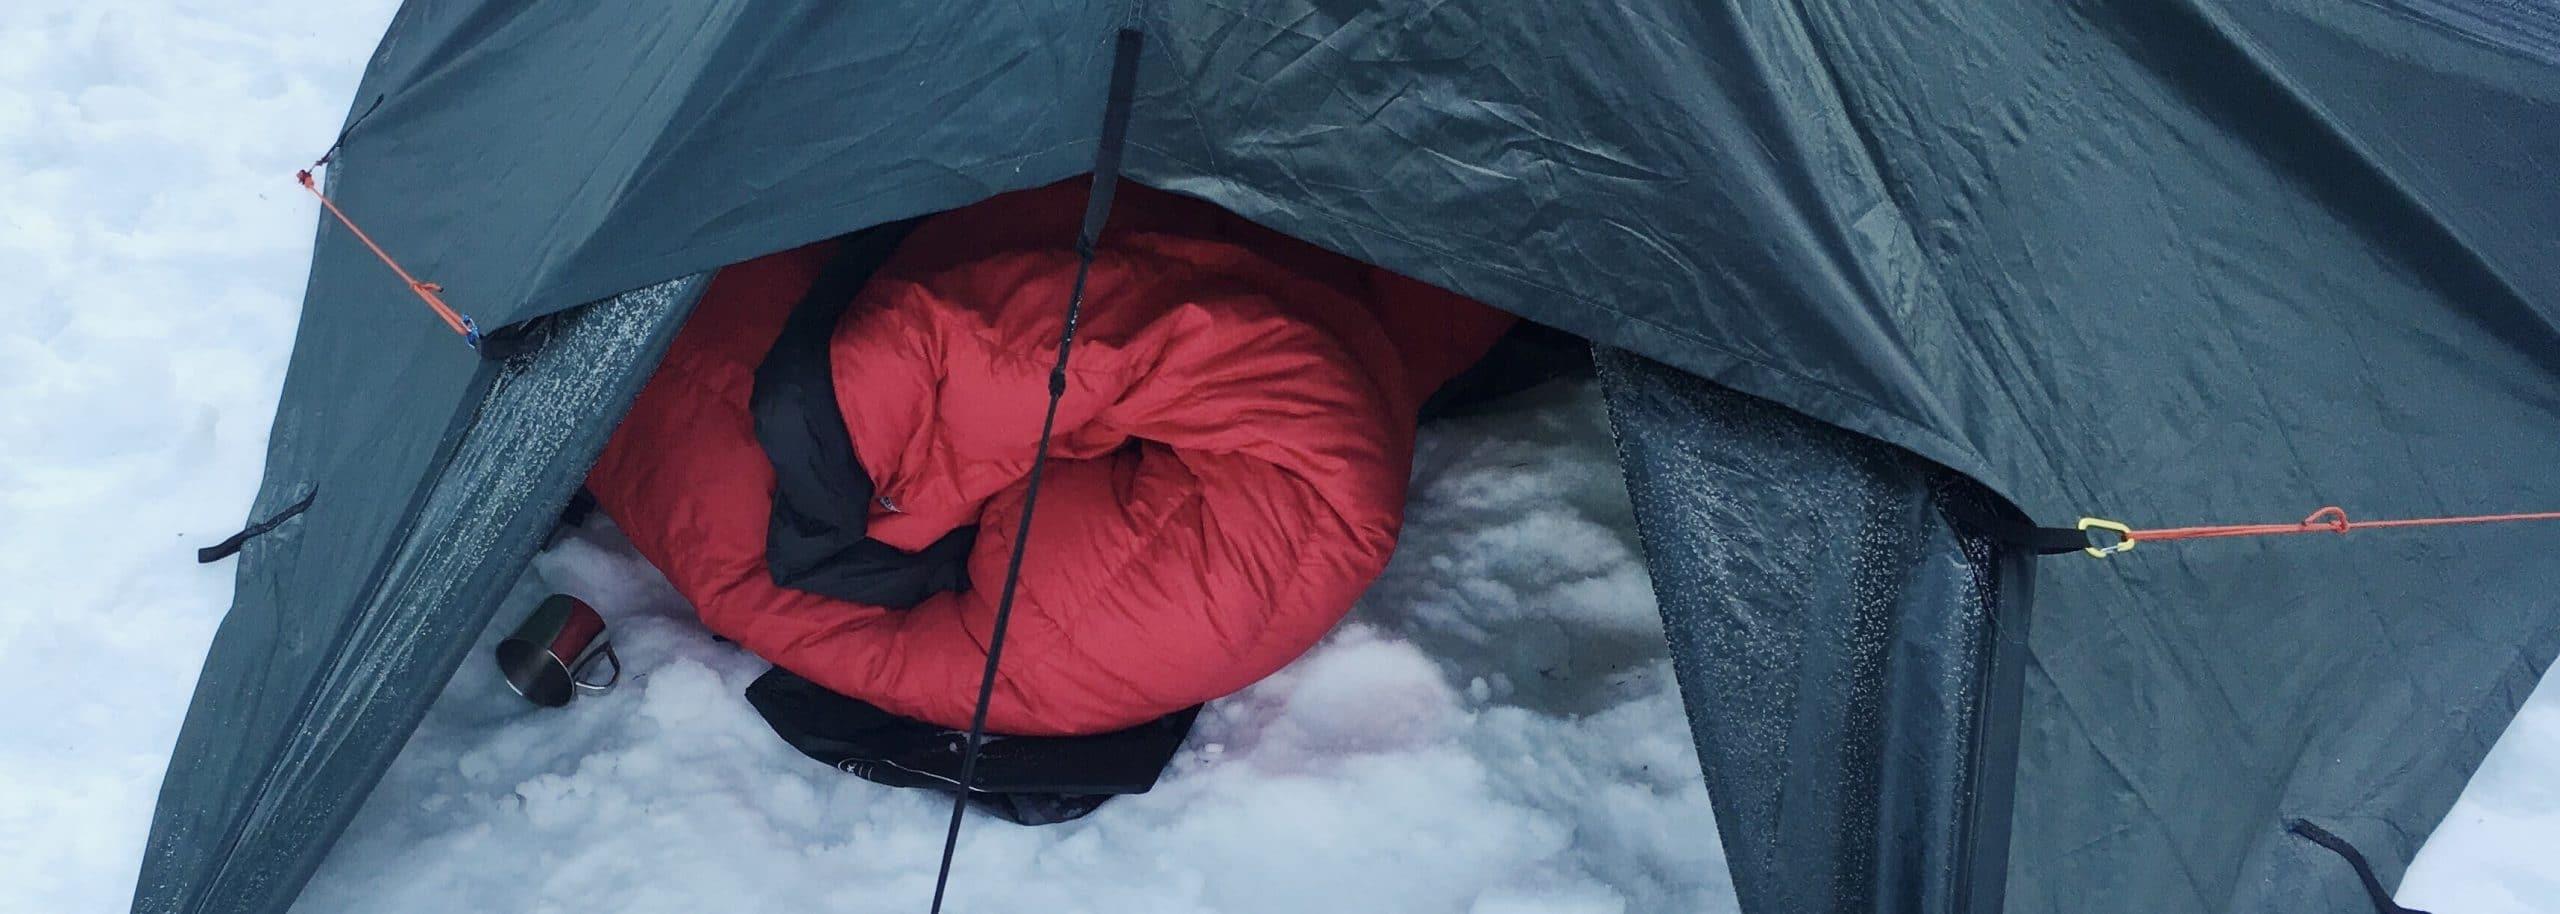 Winter tarp setup